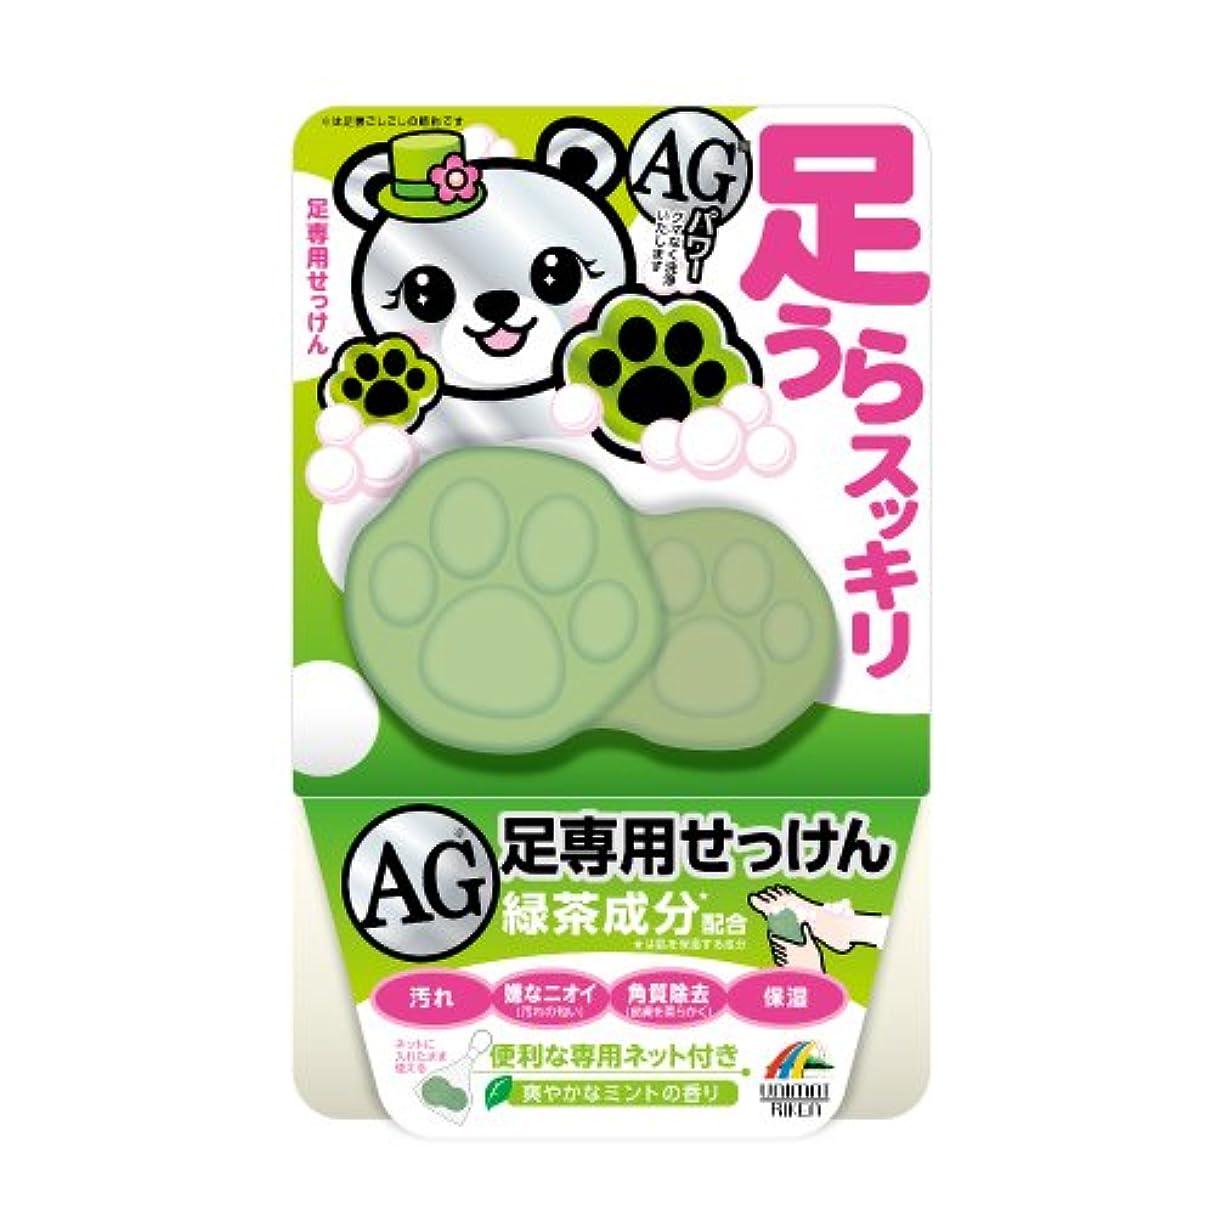 保育園バブル属性ユニマットリケン 足裏スッキリAG石鹸(緑茶成分配合) 70g